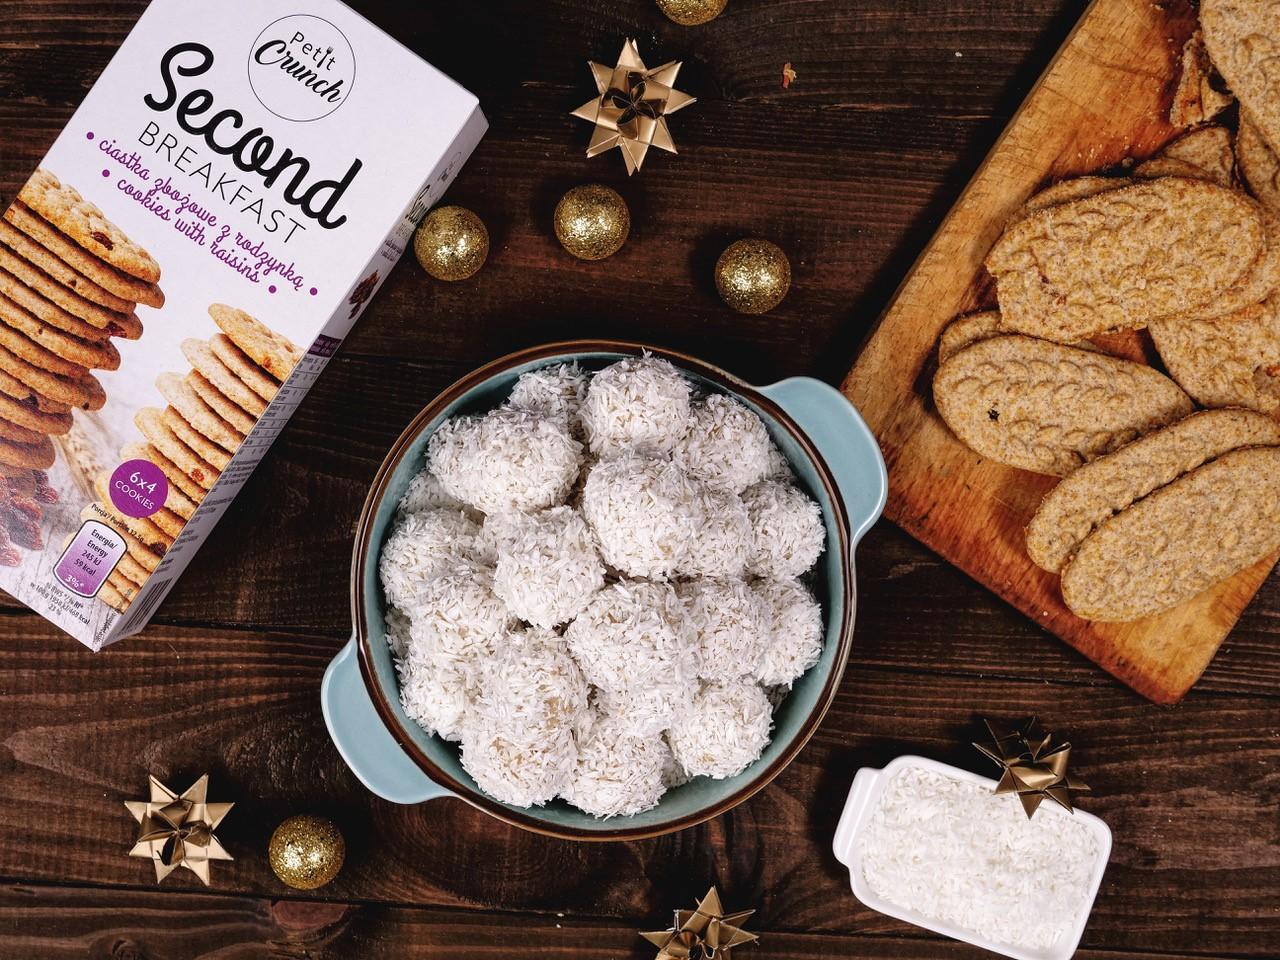 Kokosowe śnieżki z ciasteczek Petit Crunch